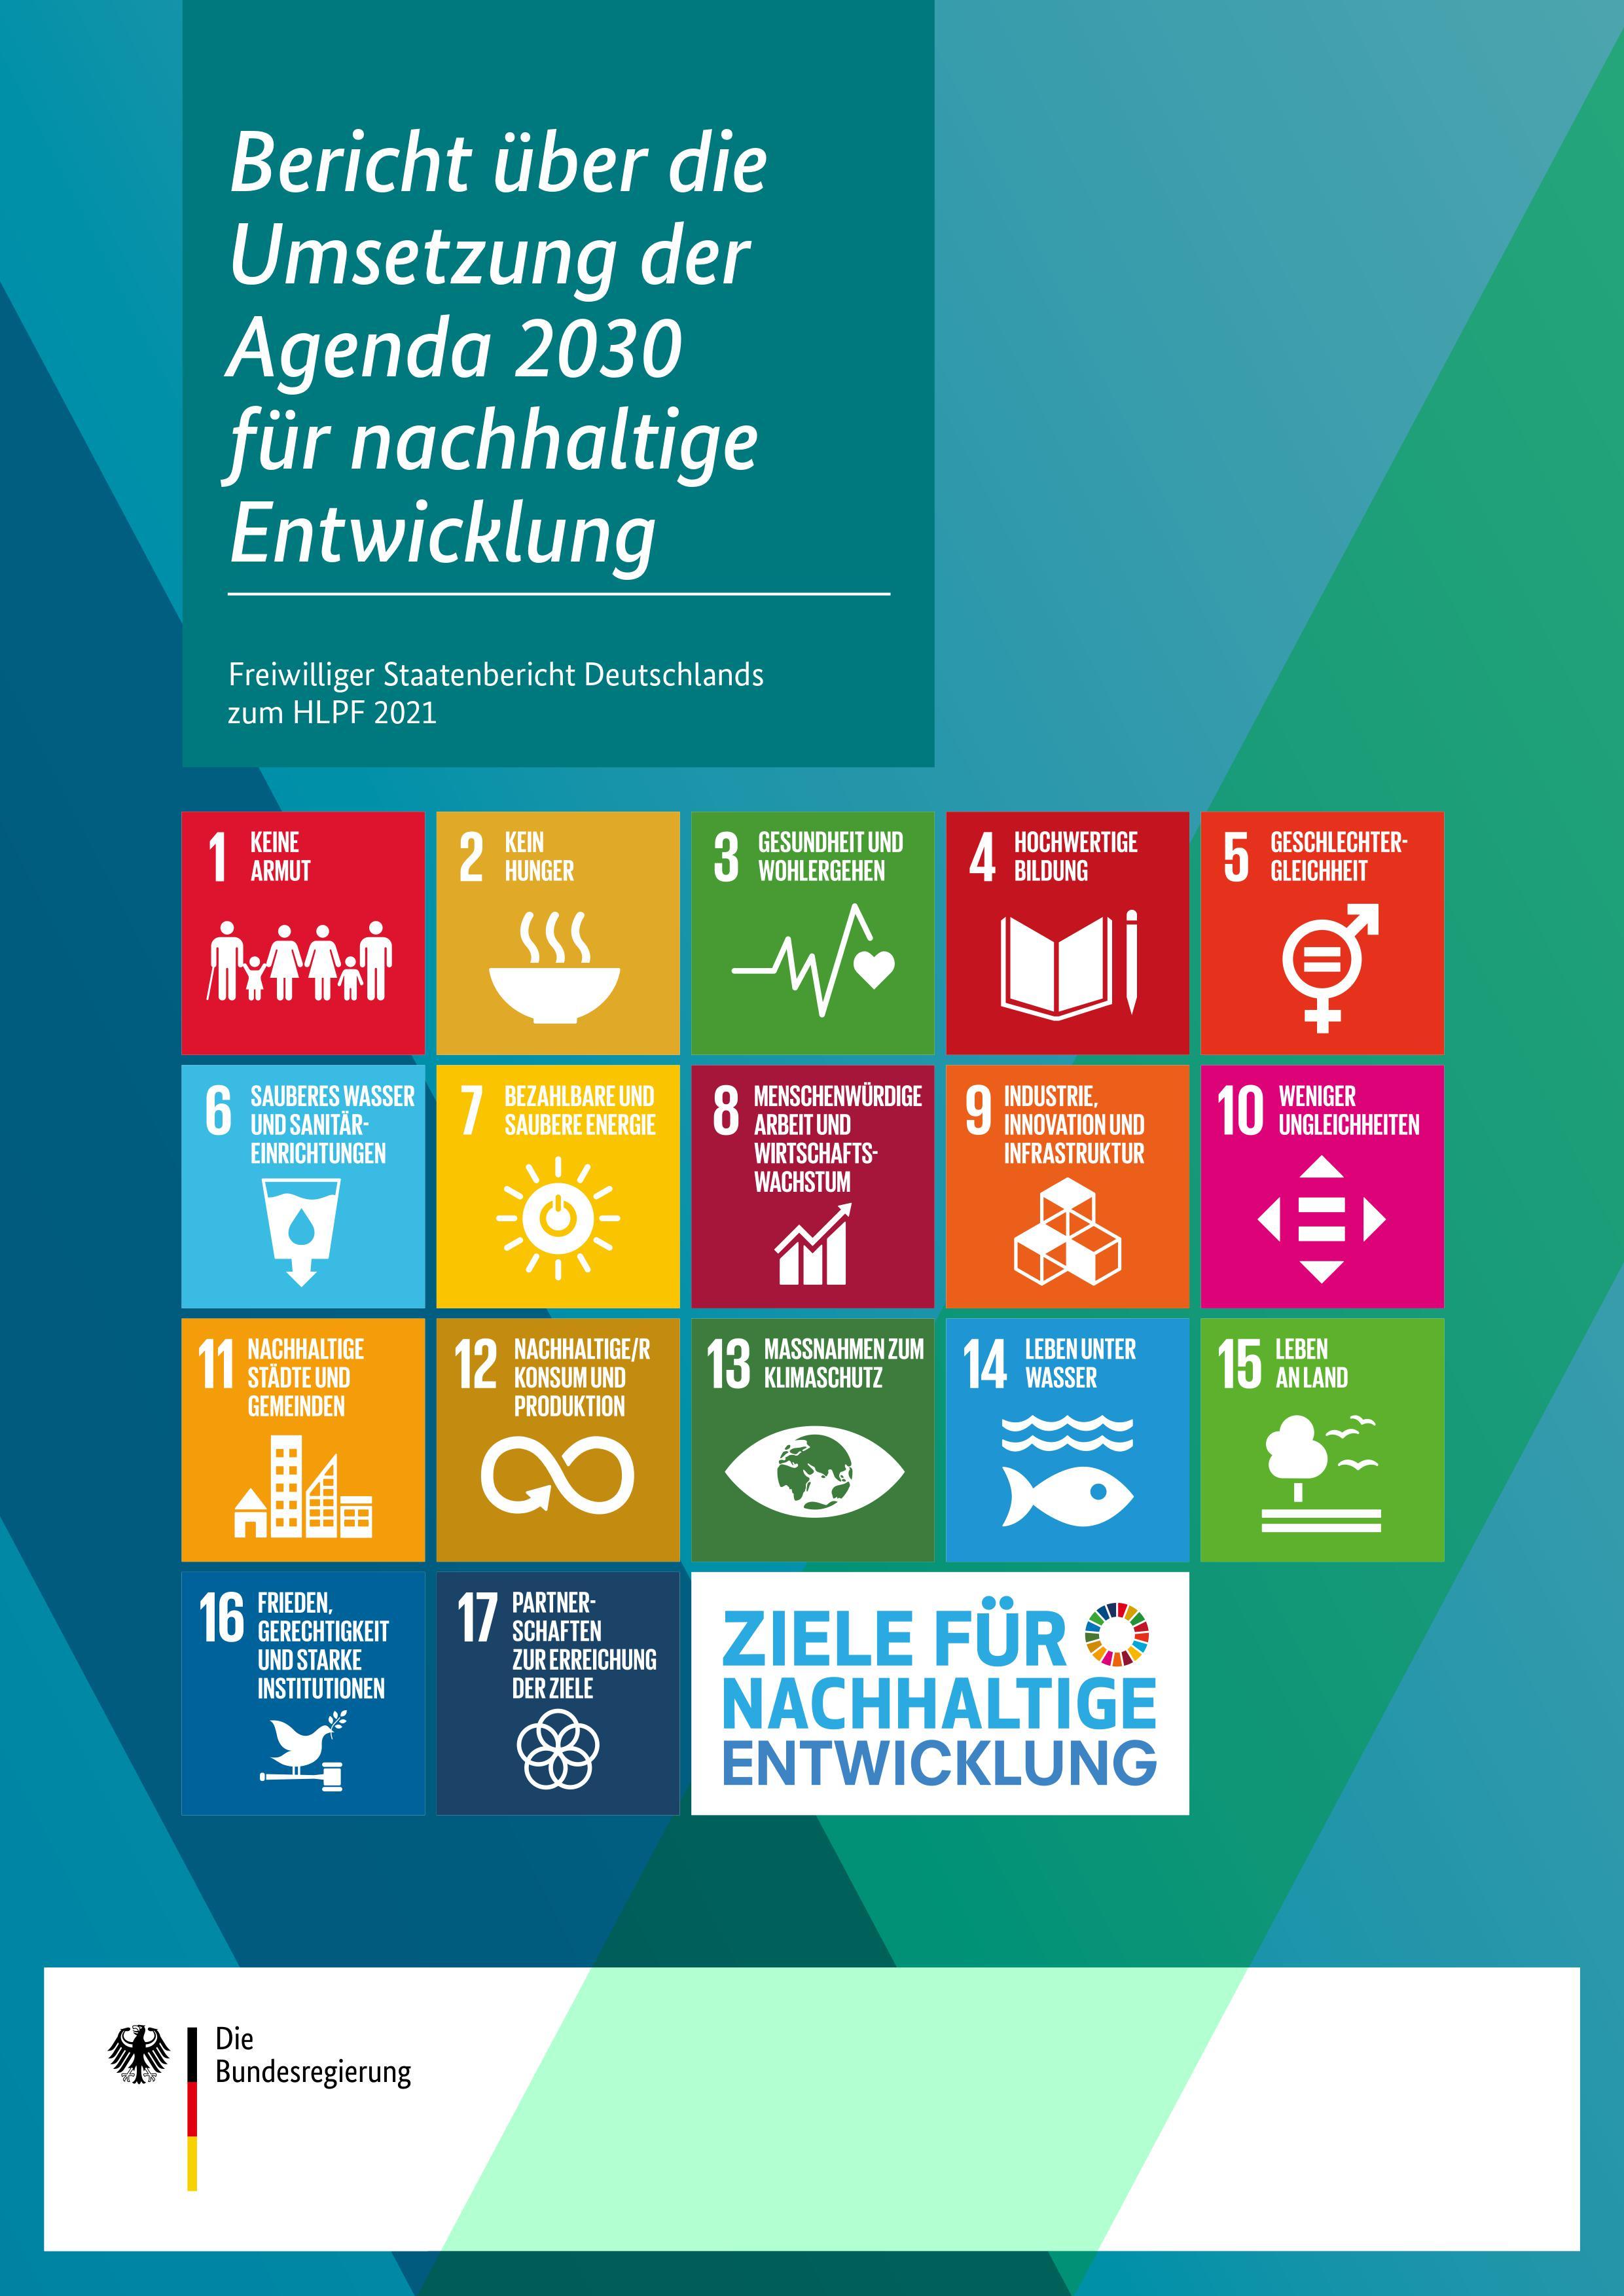 Titelblatt: Bericht über die Umsetzung der Agenda 2030 für nachhaltige Entwicklung